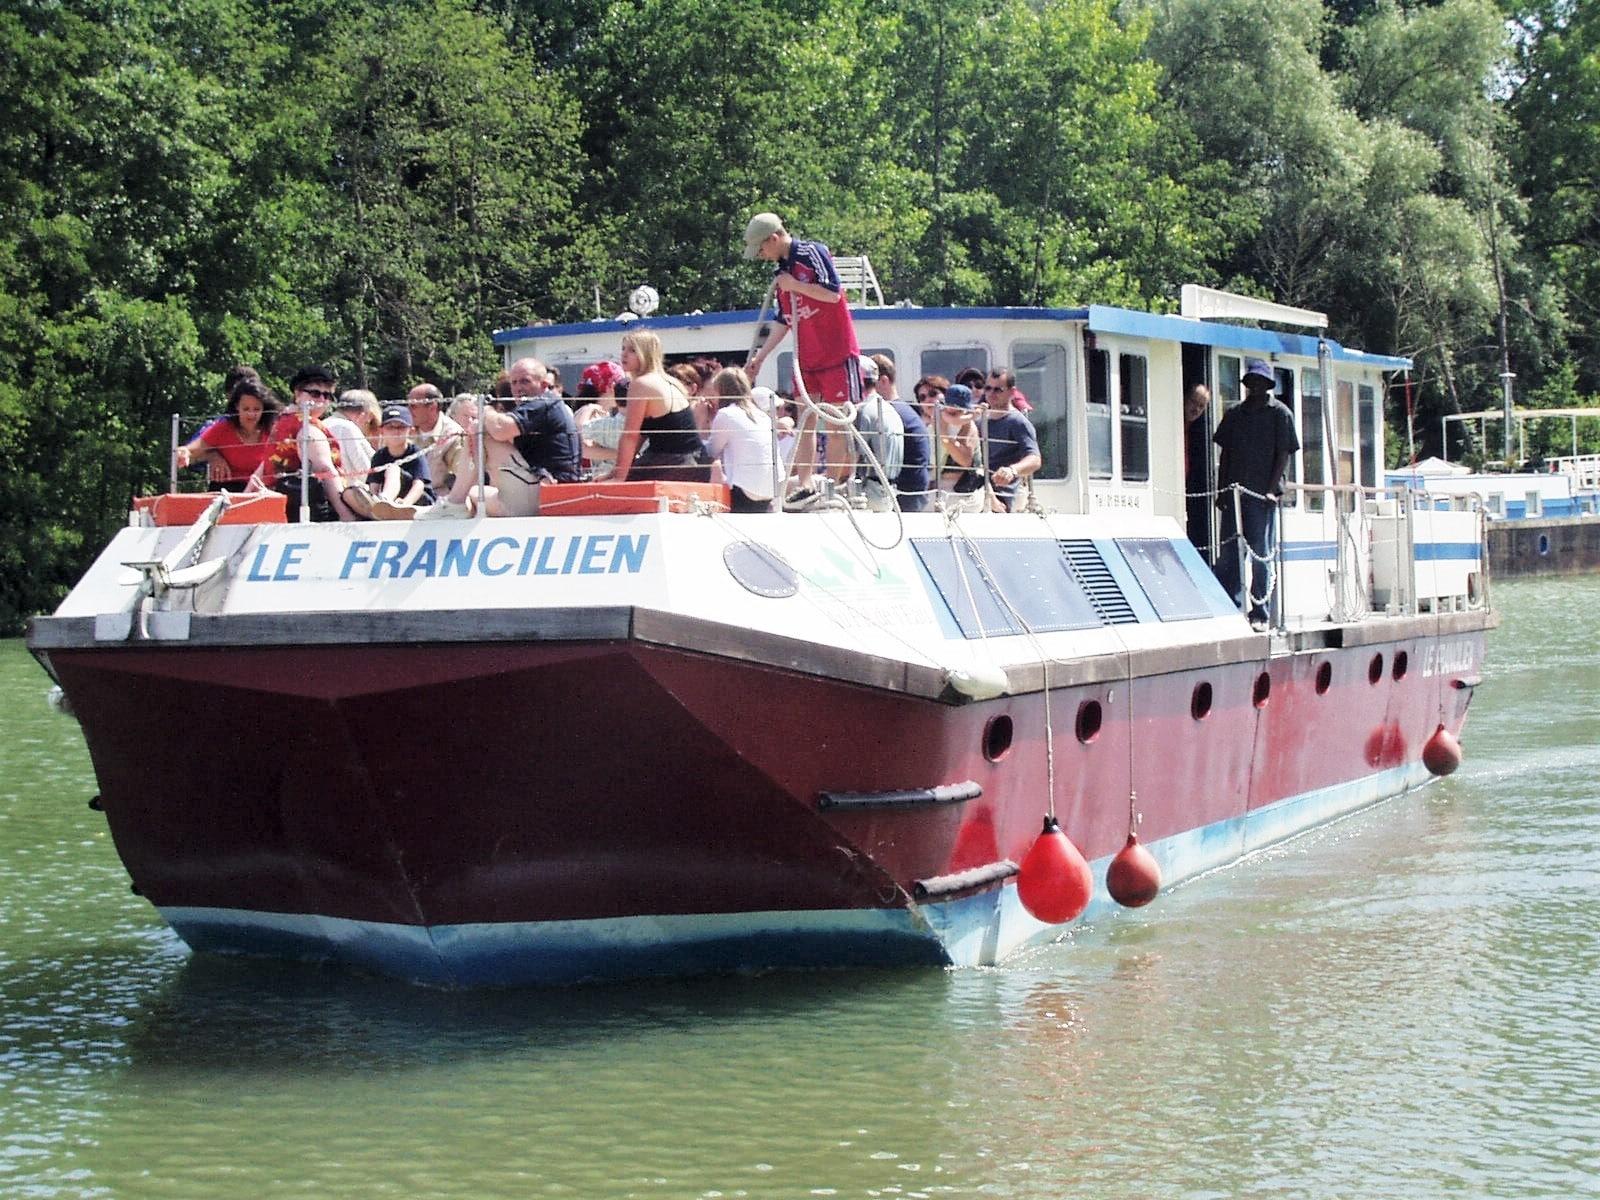 Navette de Lagny-sur-Marne à Neuilly-sur-Marne